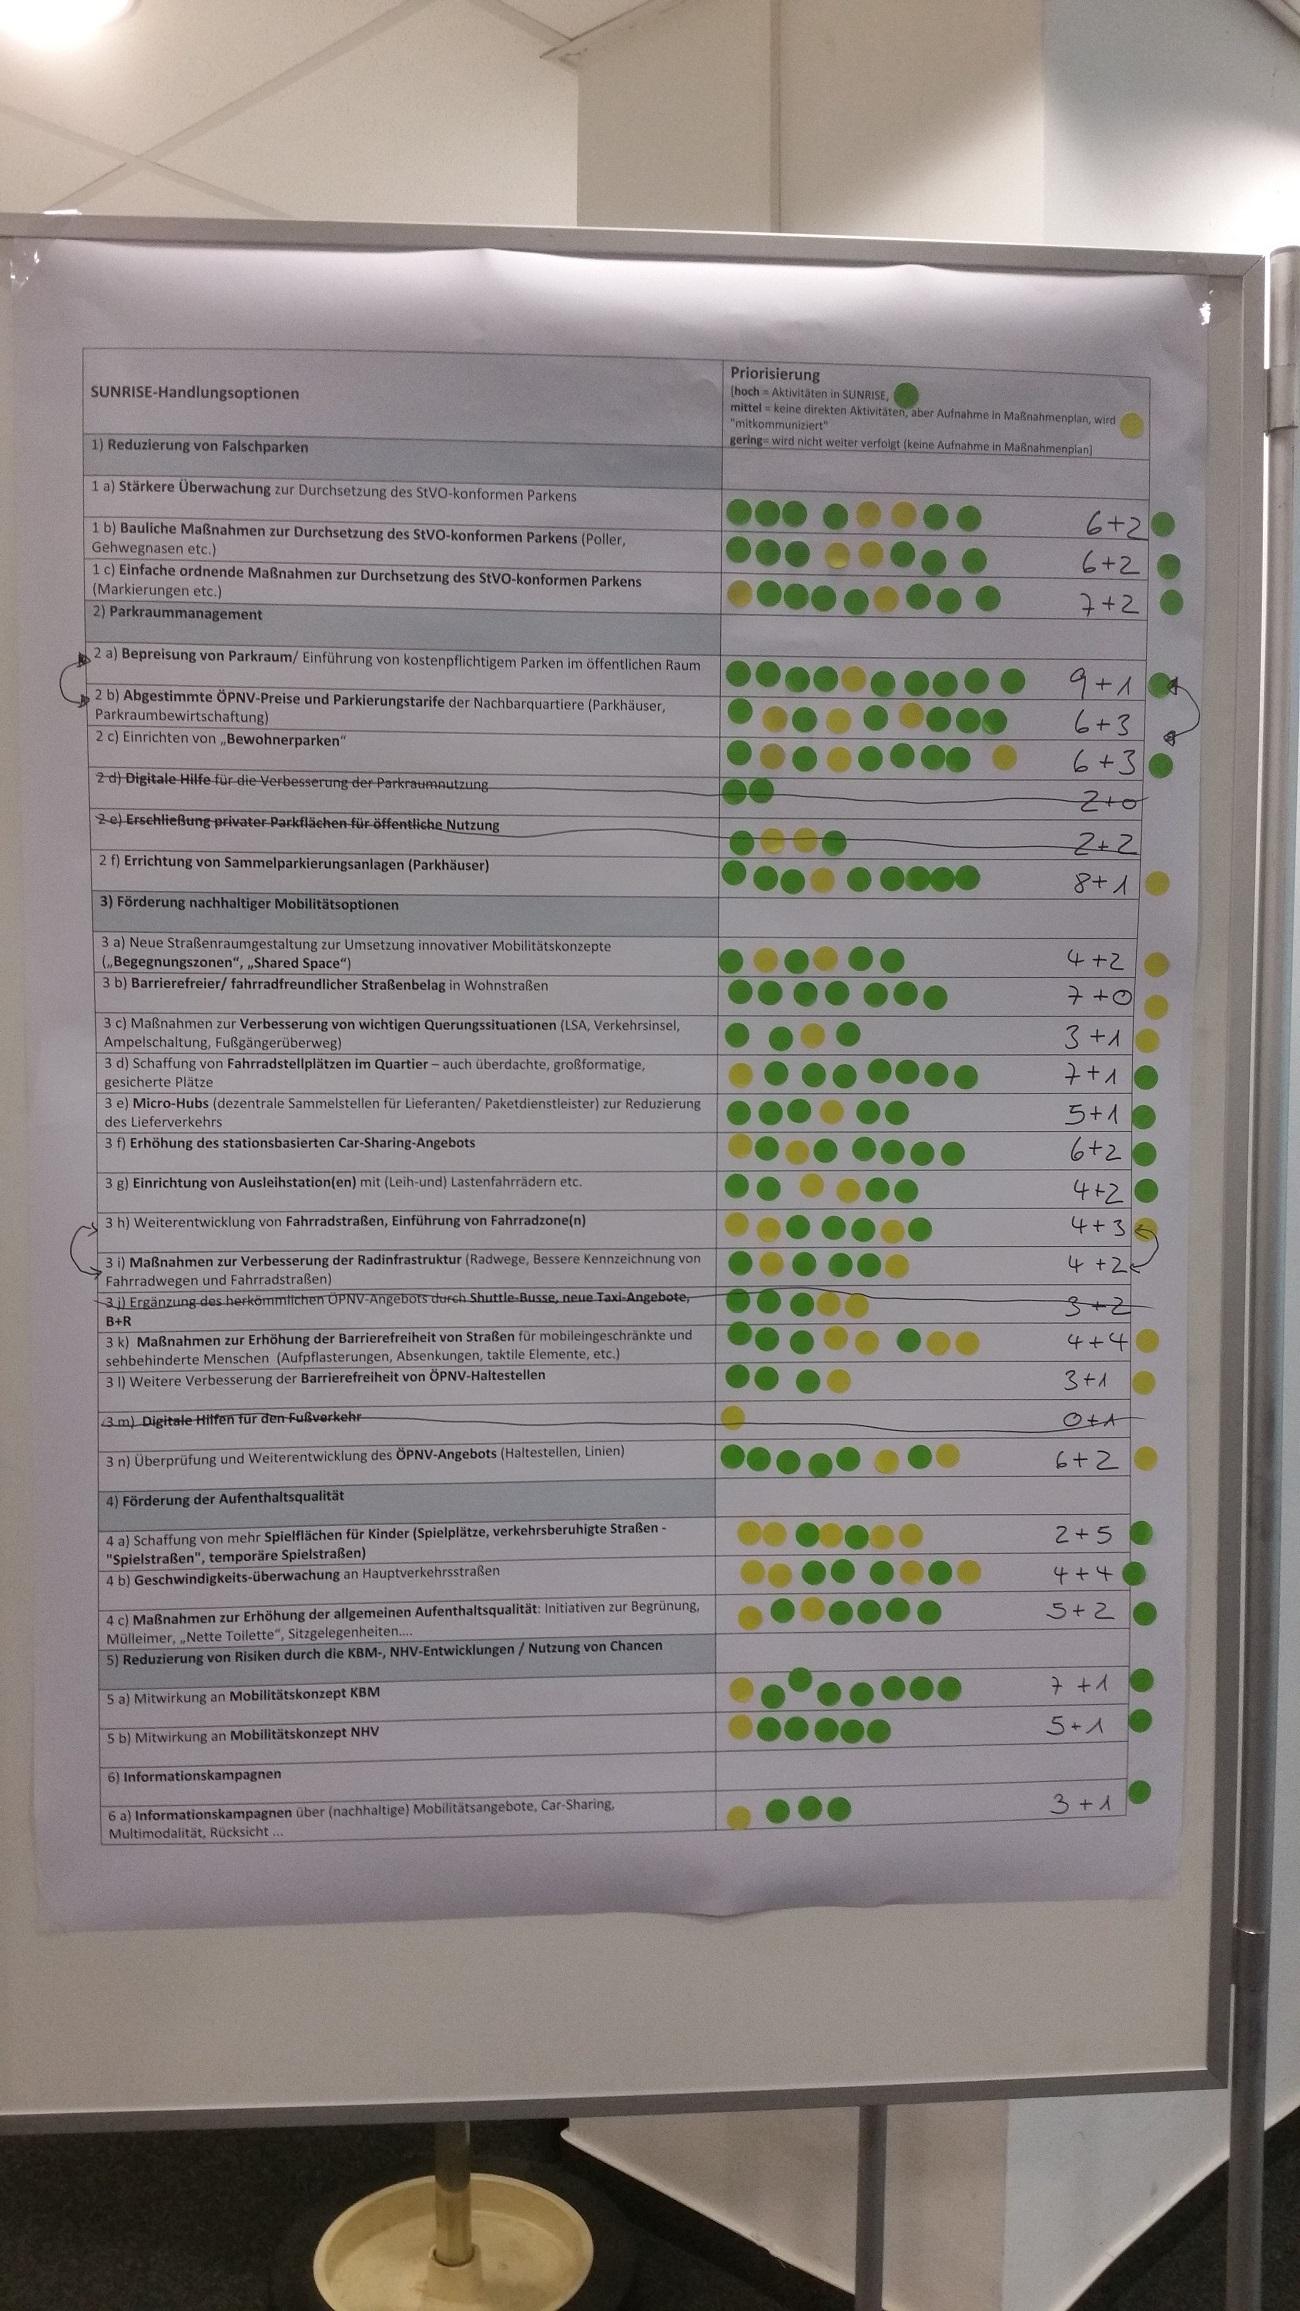 Das Ergebnis des Workshops ist eine Liste mit priorisierten und teilweise zusammengefassten Handlungsoptionen. Links die Priorisierung der einzelnen Teilnehmenden, rechts die abgestimmte Priorisierung.